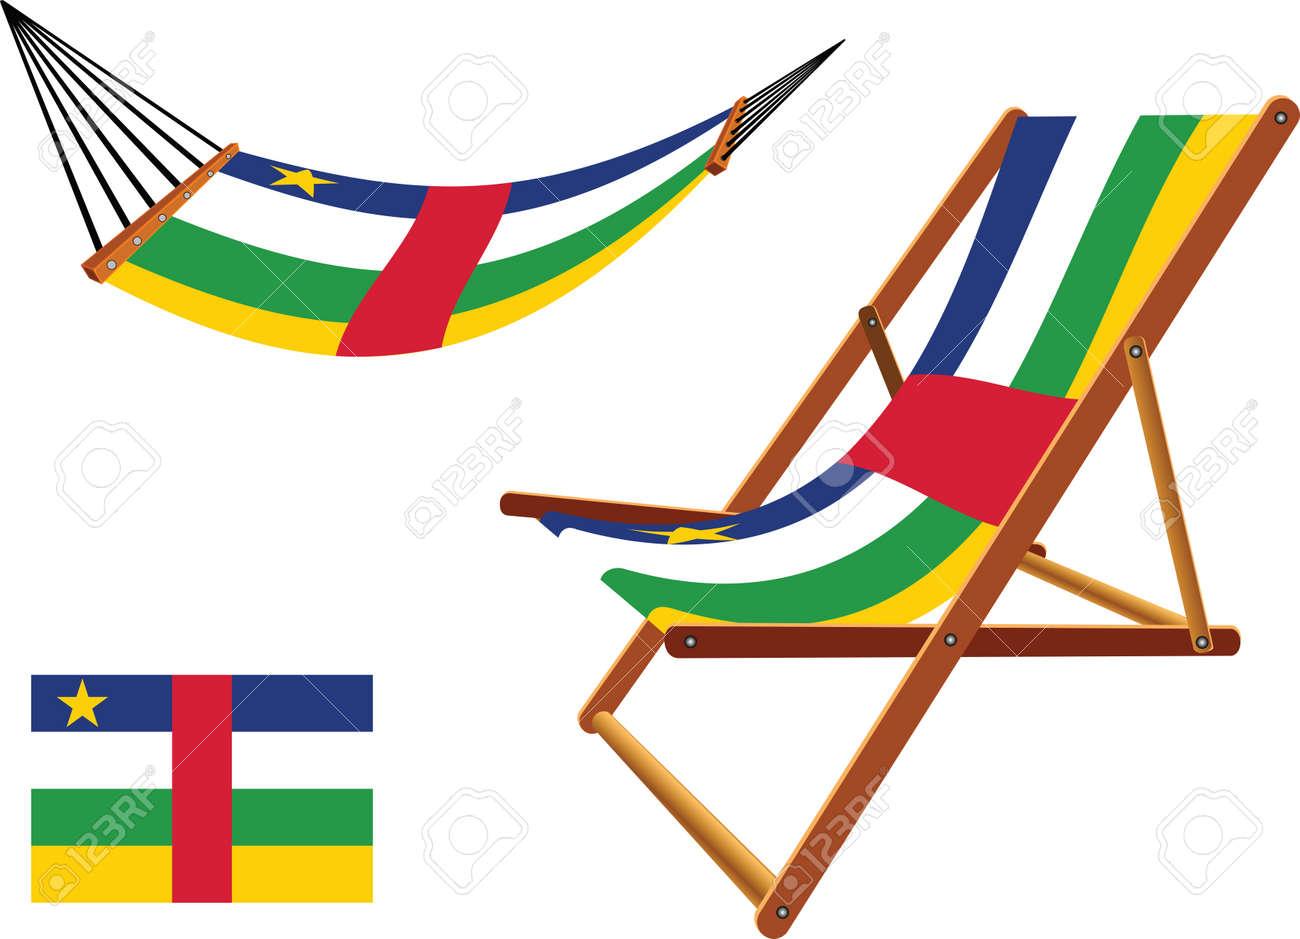 Hamac Et Longue République Chaise D'art Un Une BlancIllustration Vecteur Centrafricaine Abstrait Fond XN8OkwP0n